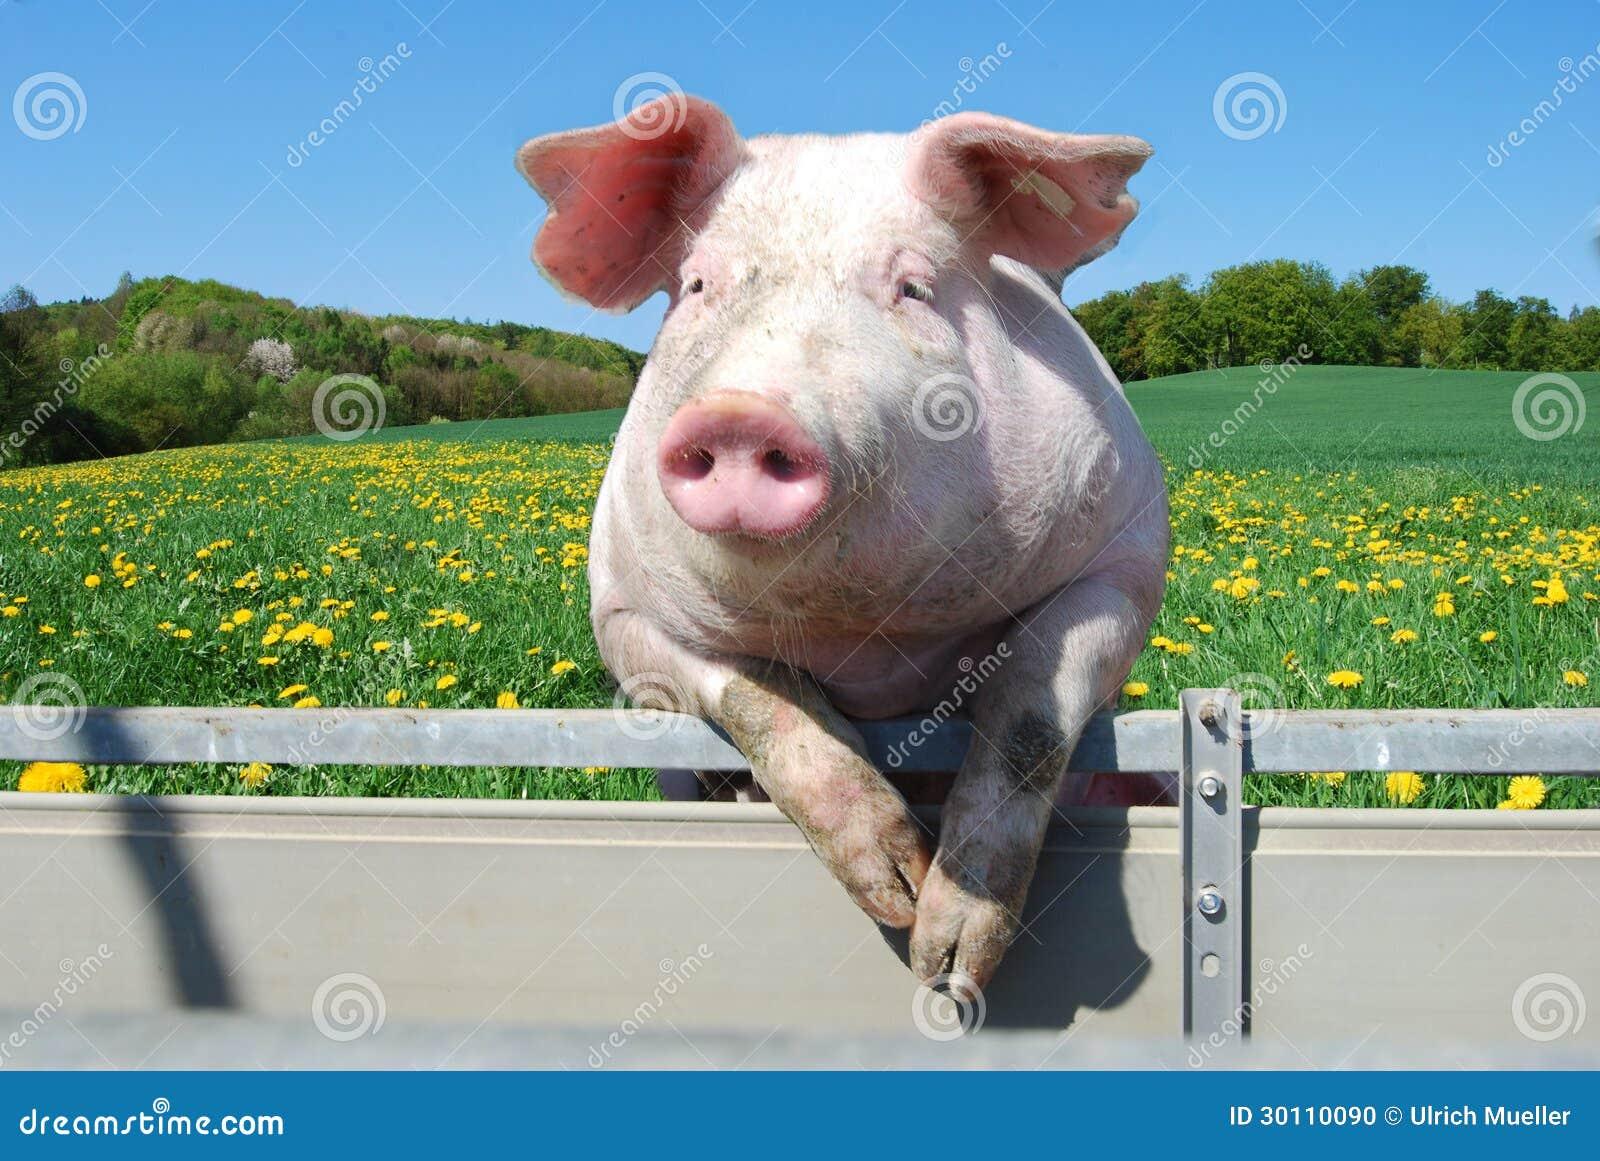 Porc sur une tente